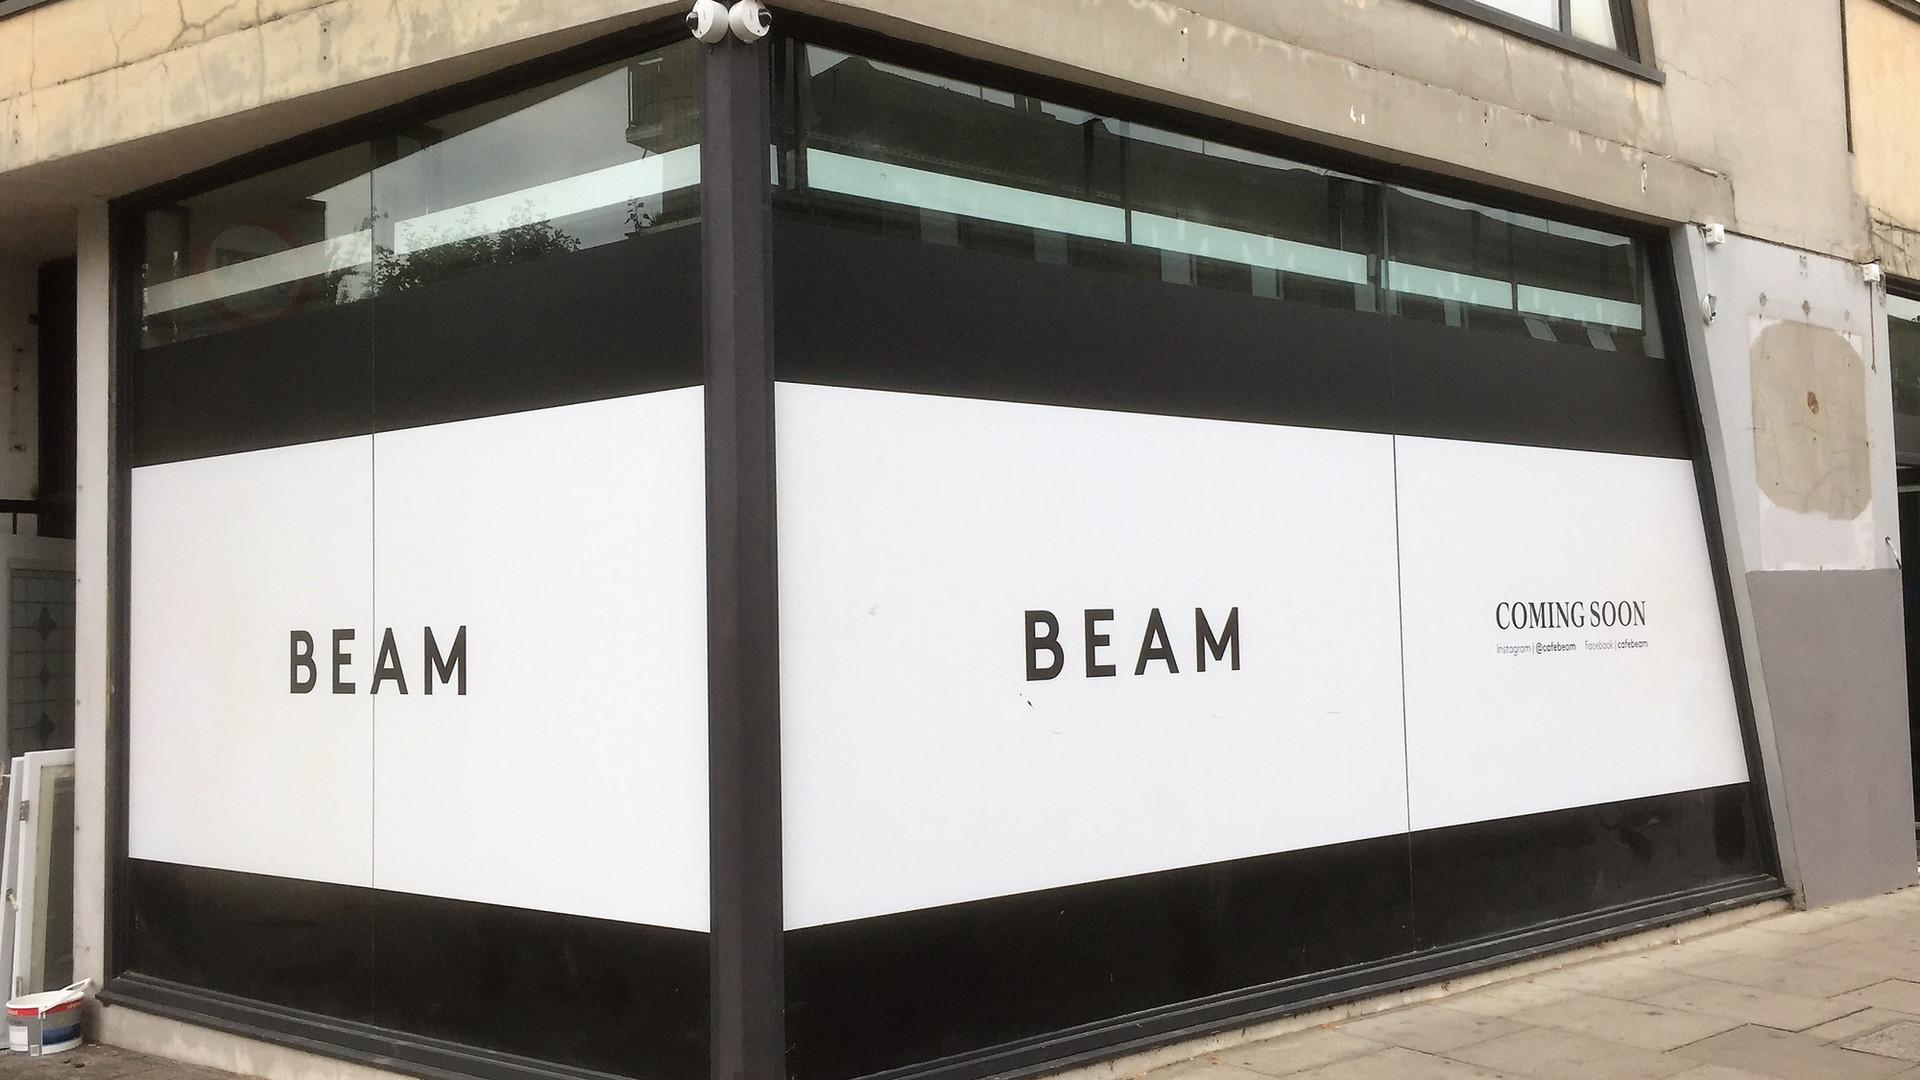 Beam cafe